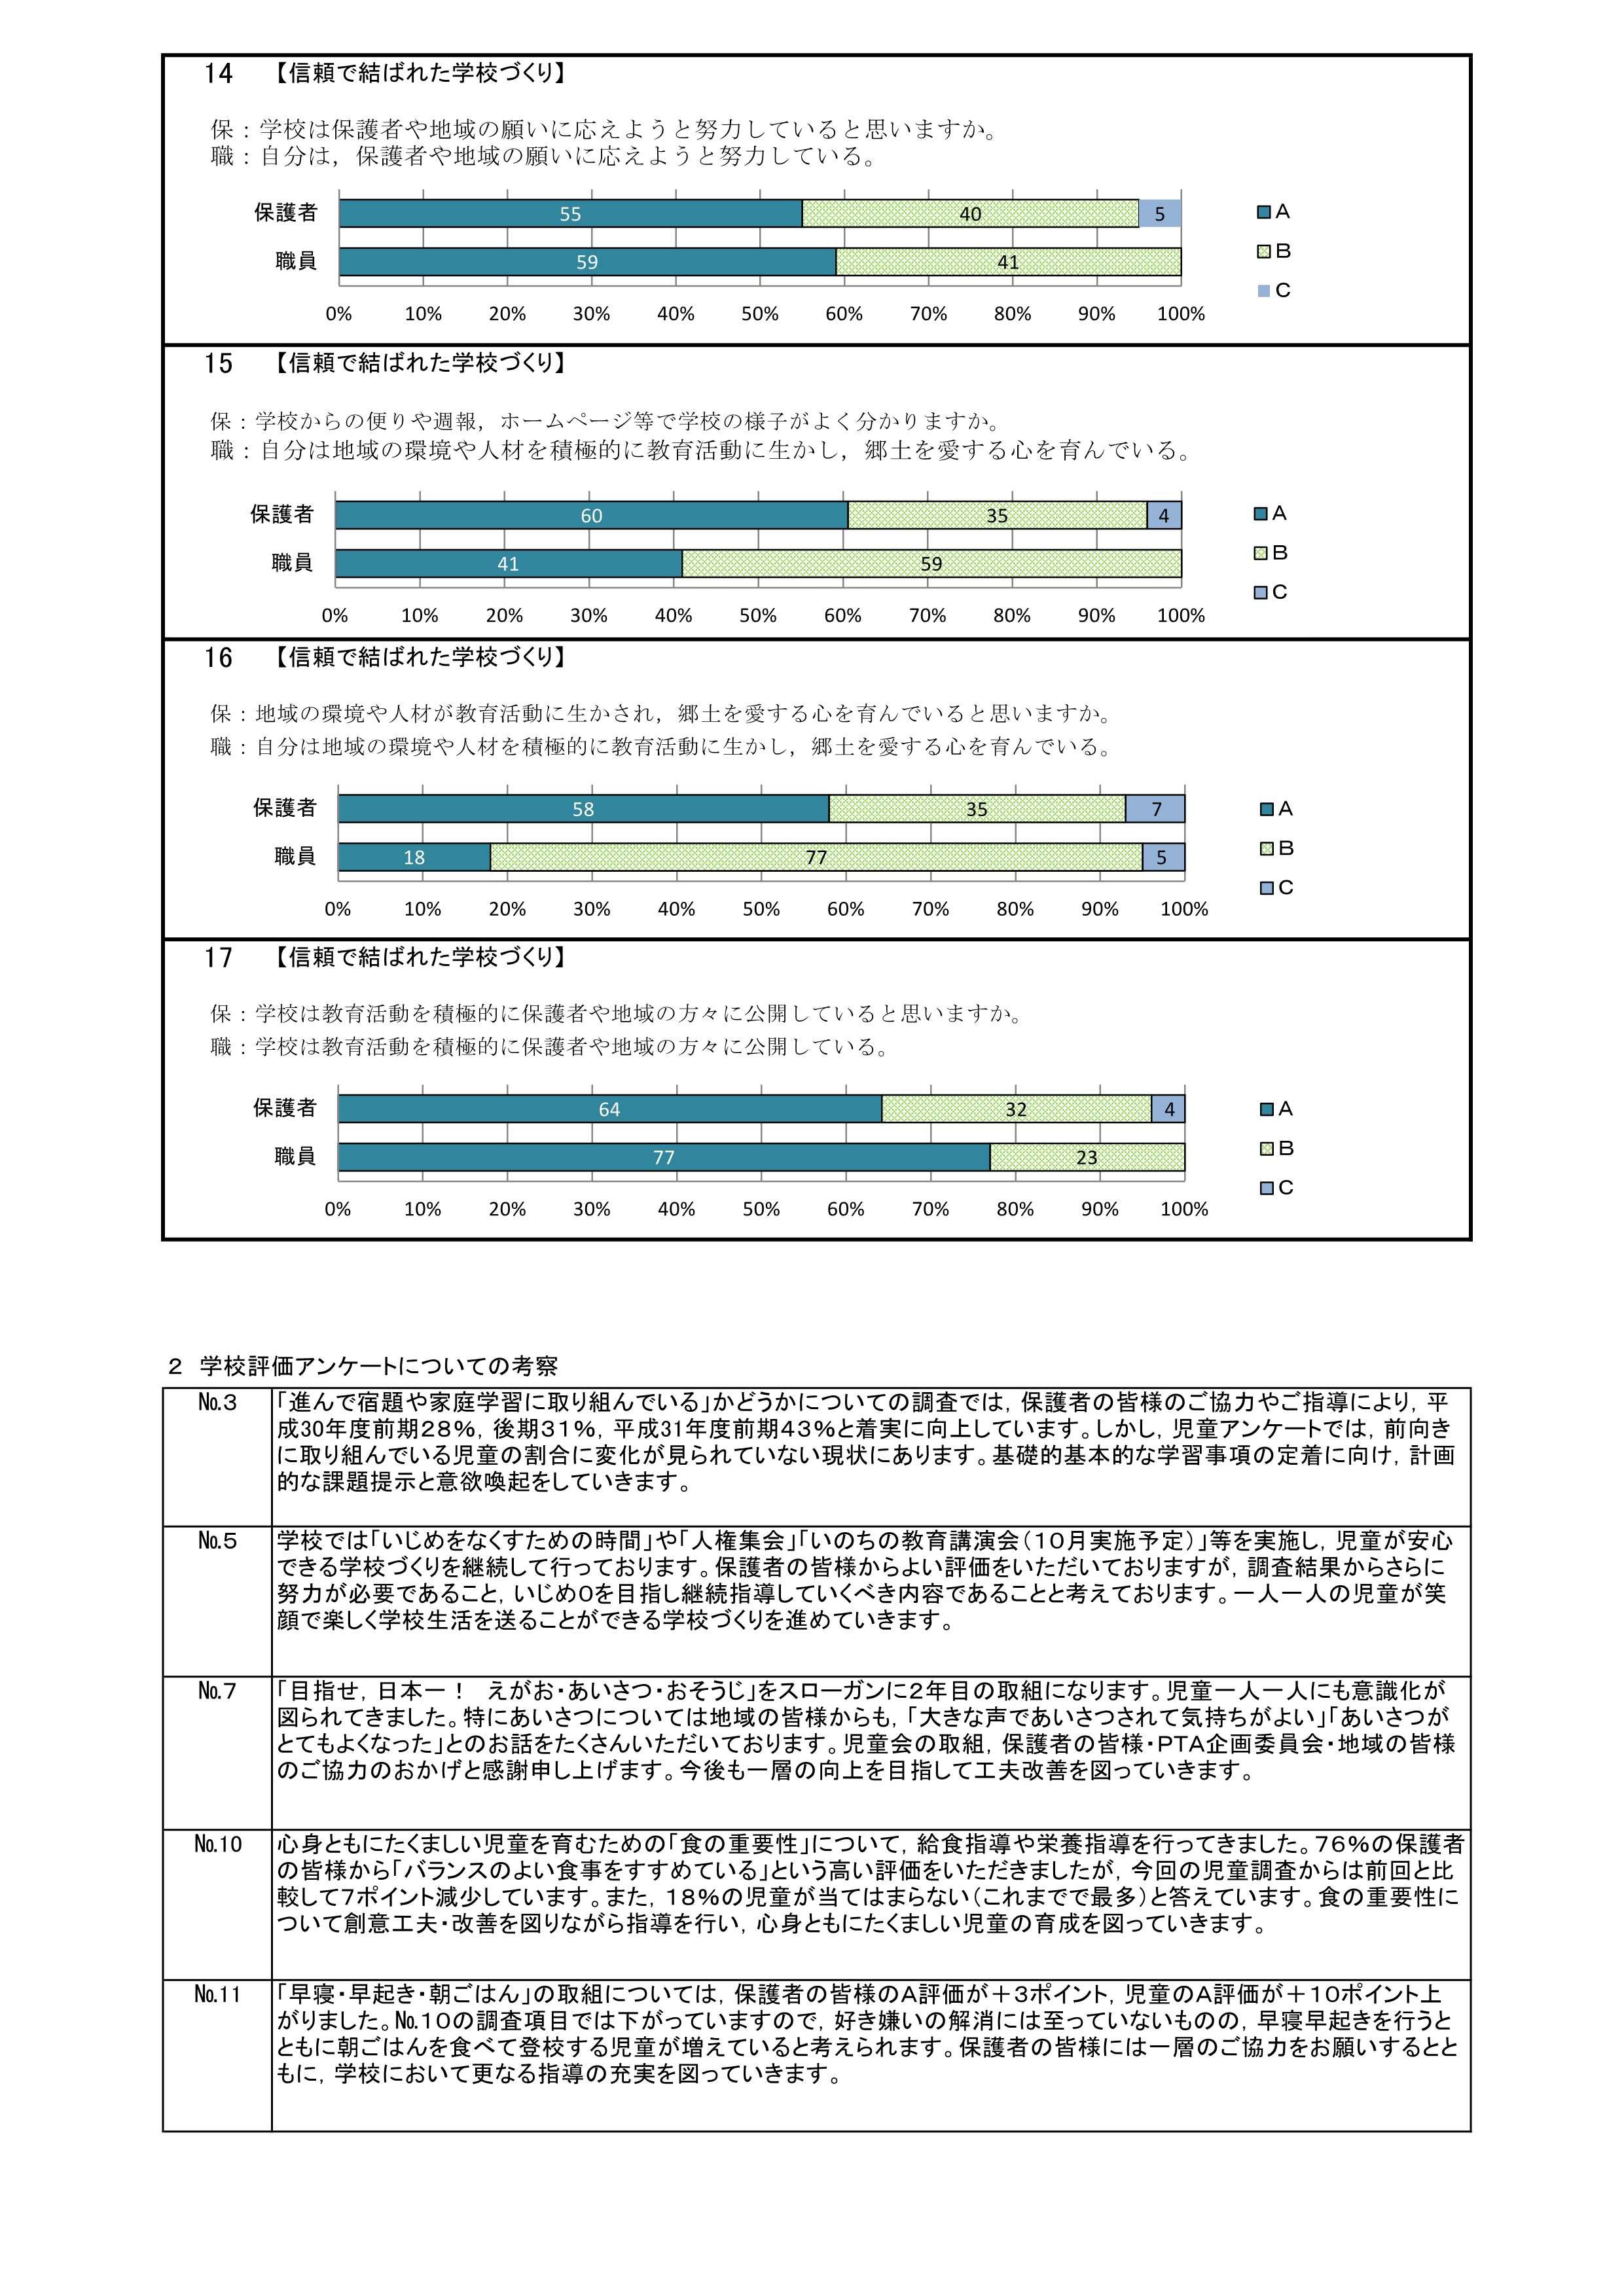 H31潮来小学校評価 全集計・グラフ_前期_3